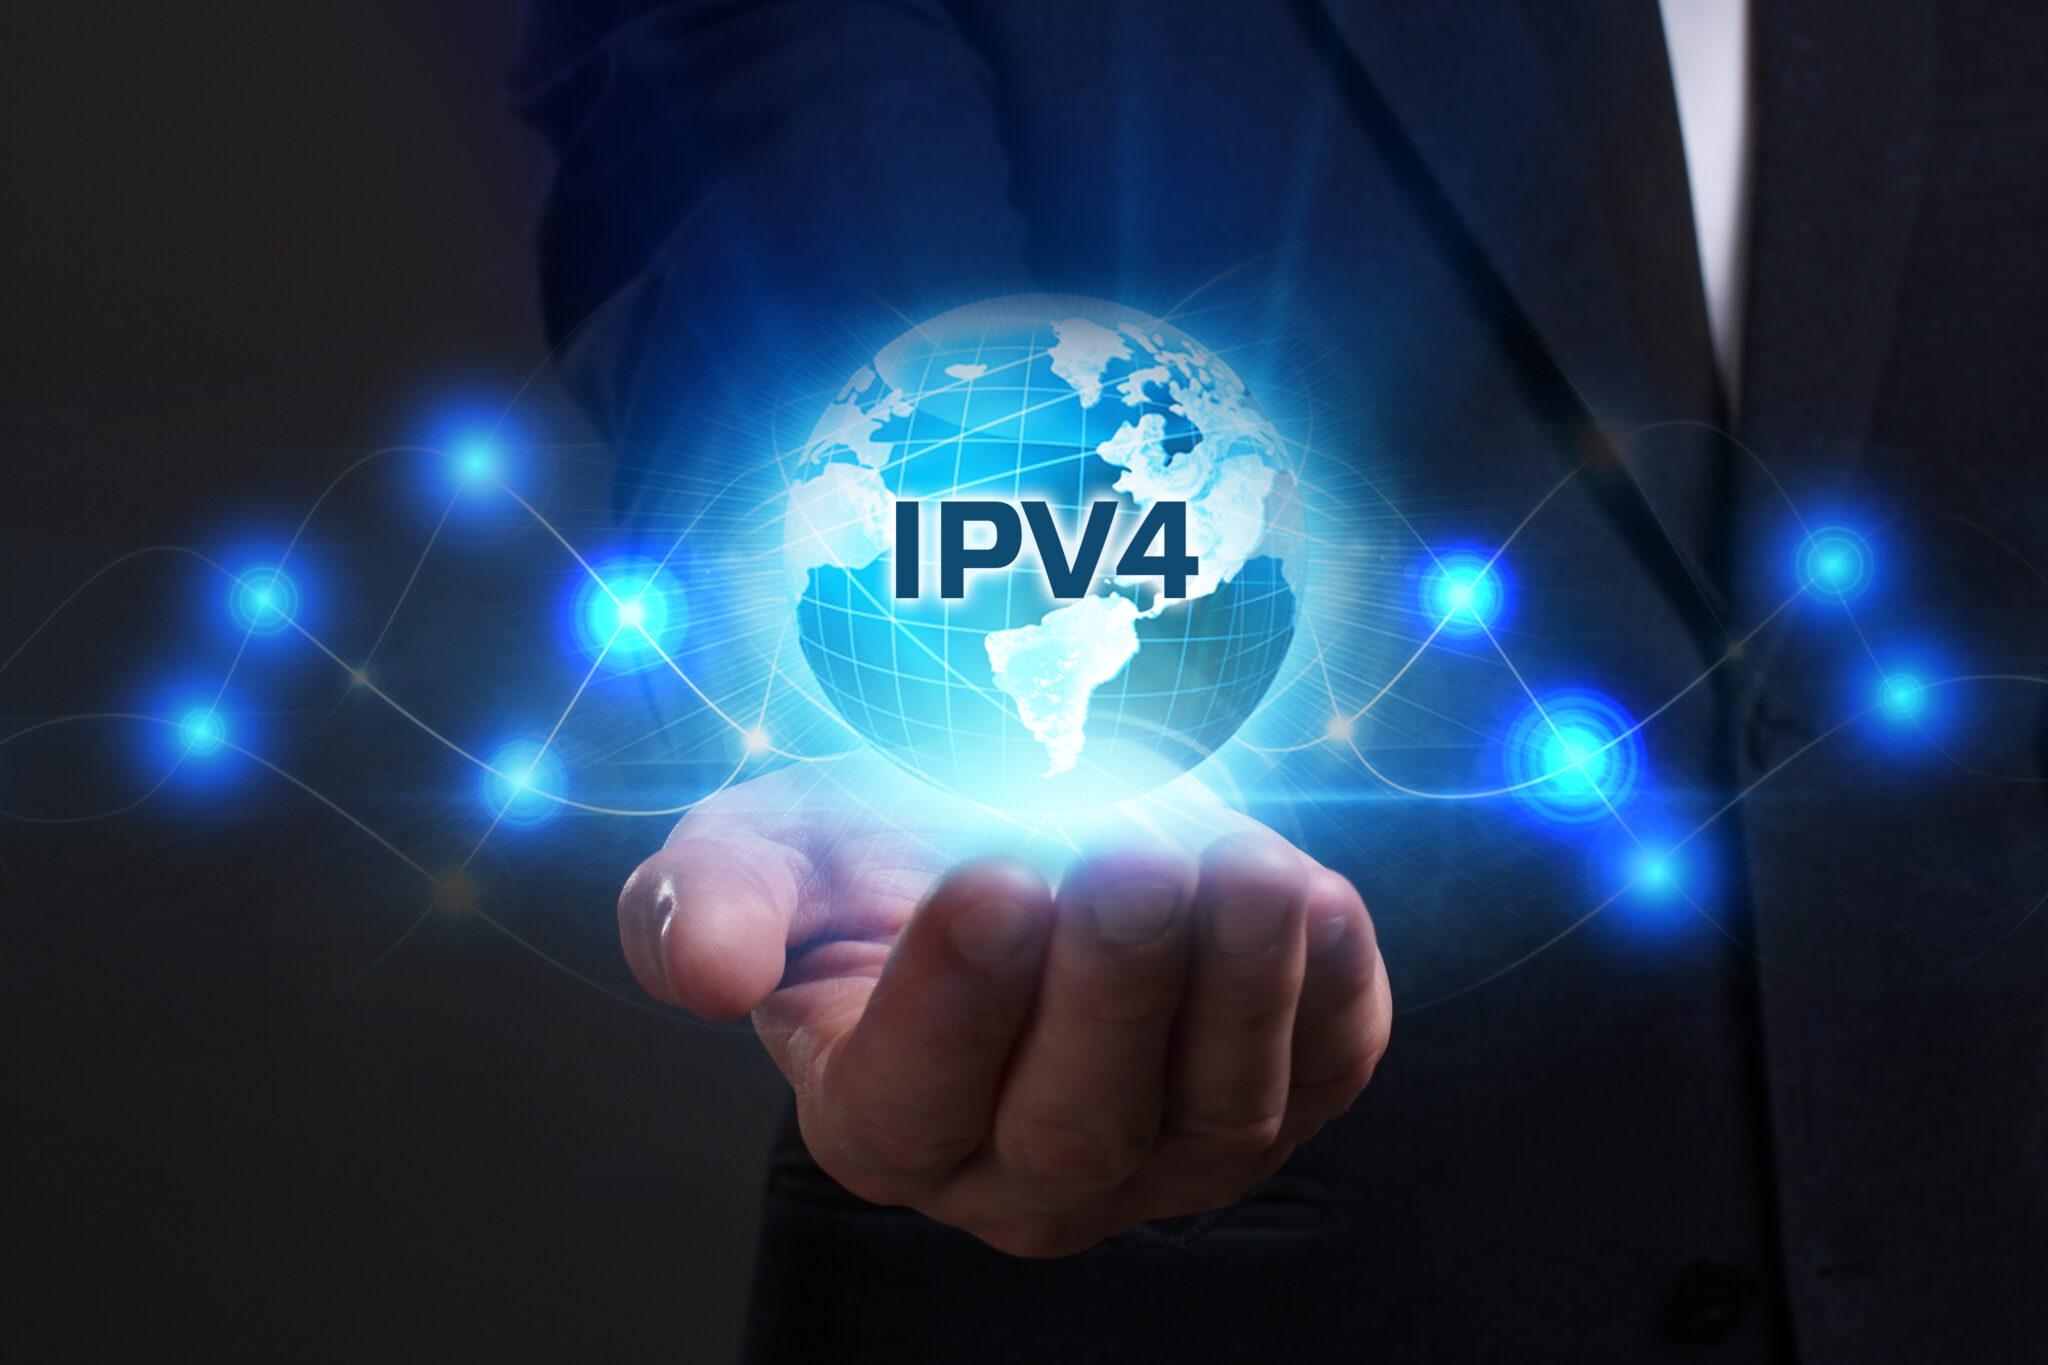 从 IPv4 到 IPv6 的强制过渡